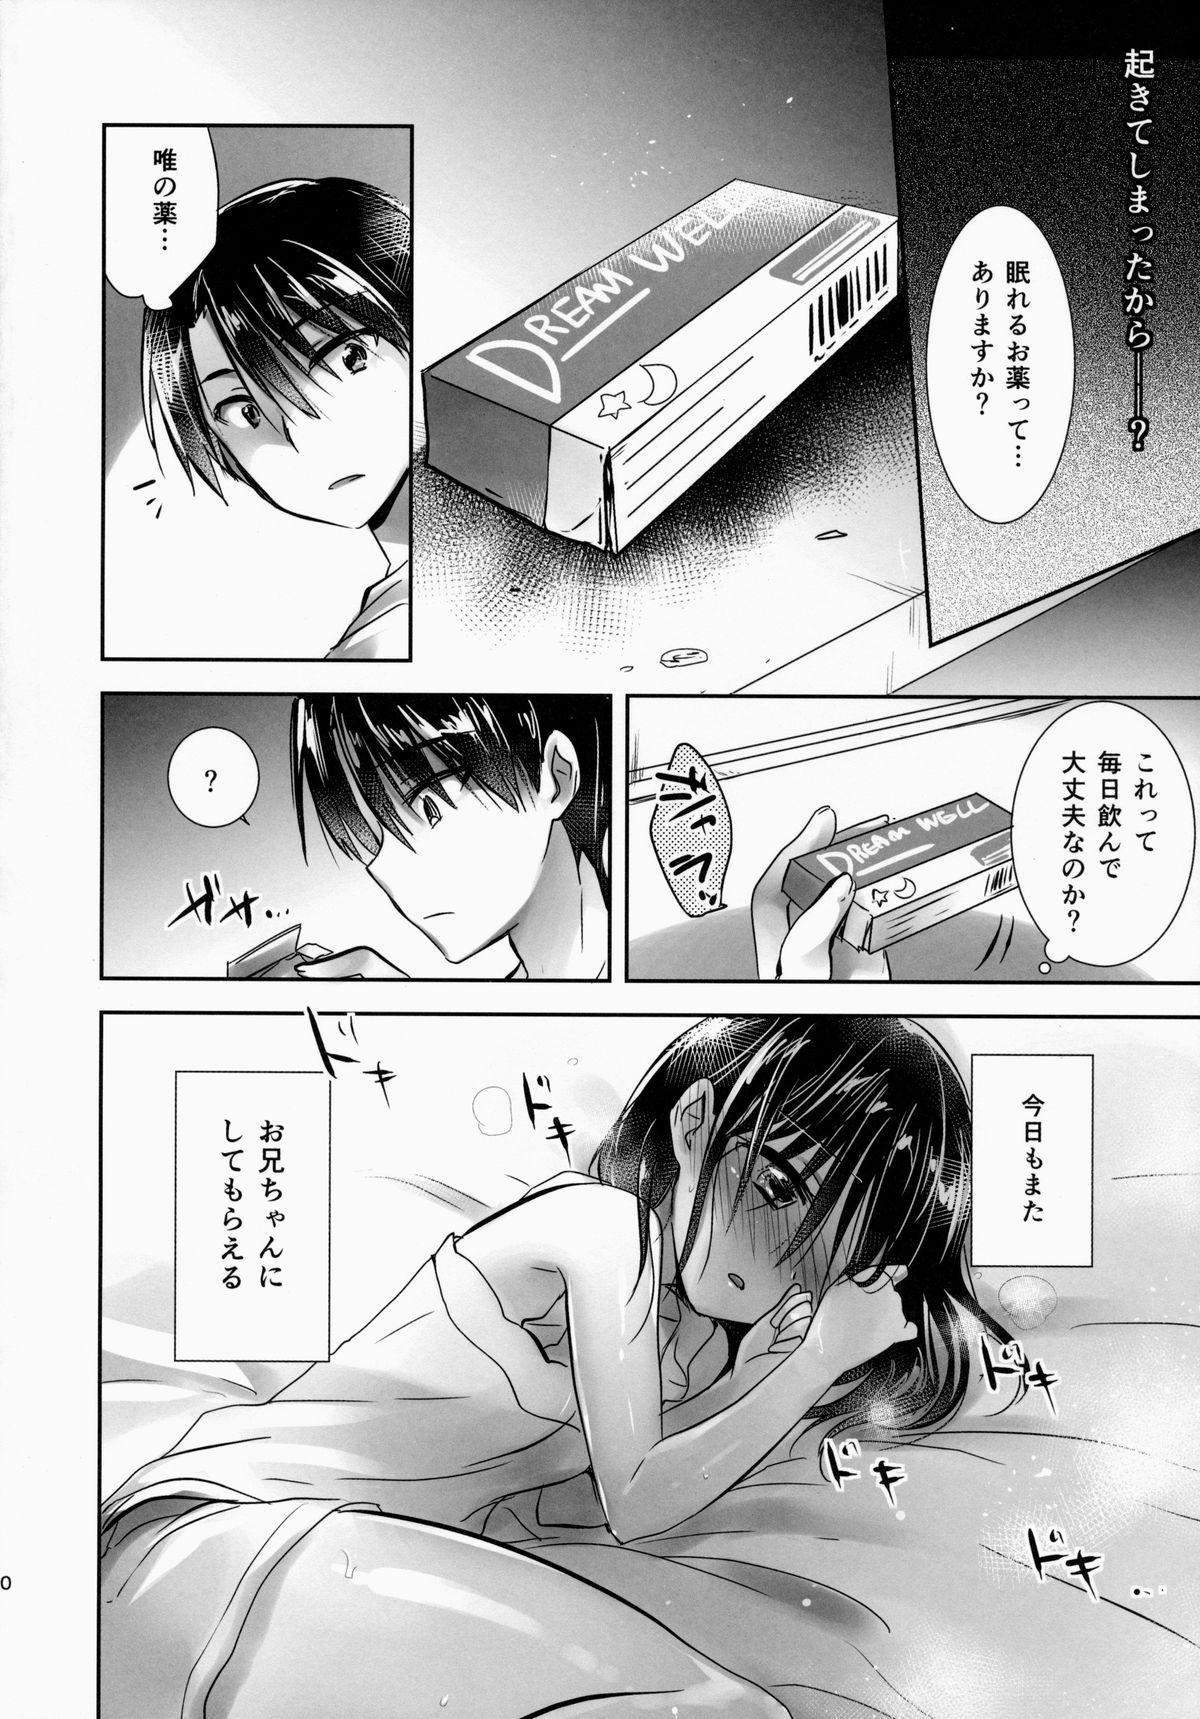 Oyasumi Sex am2:00 31